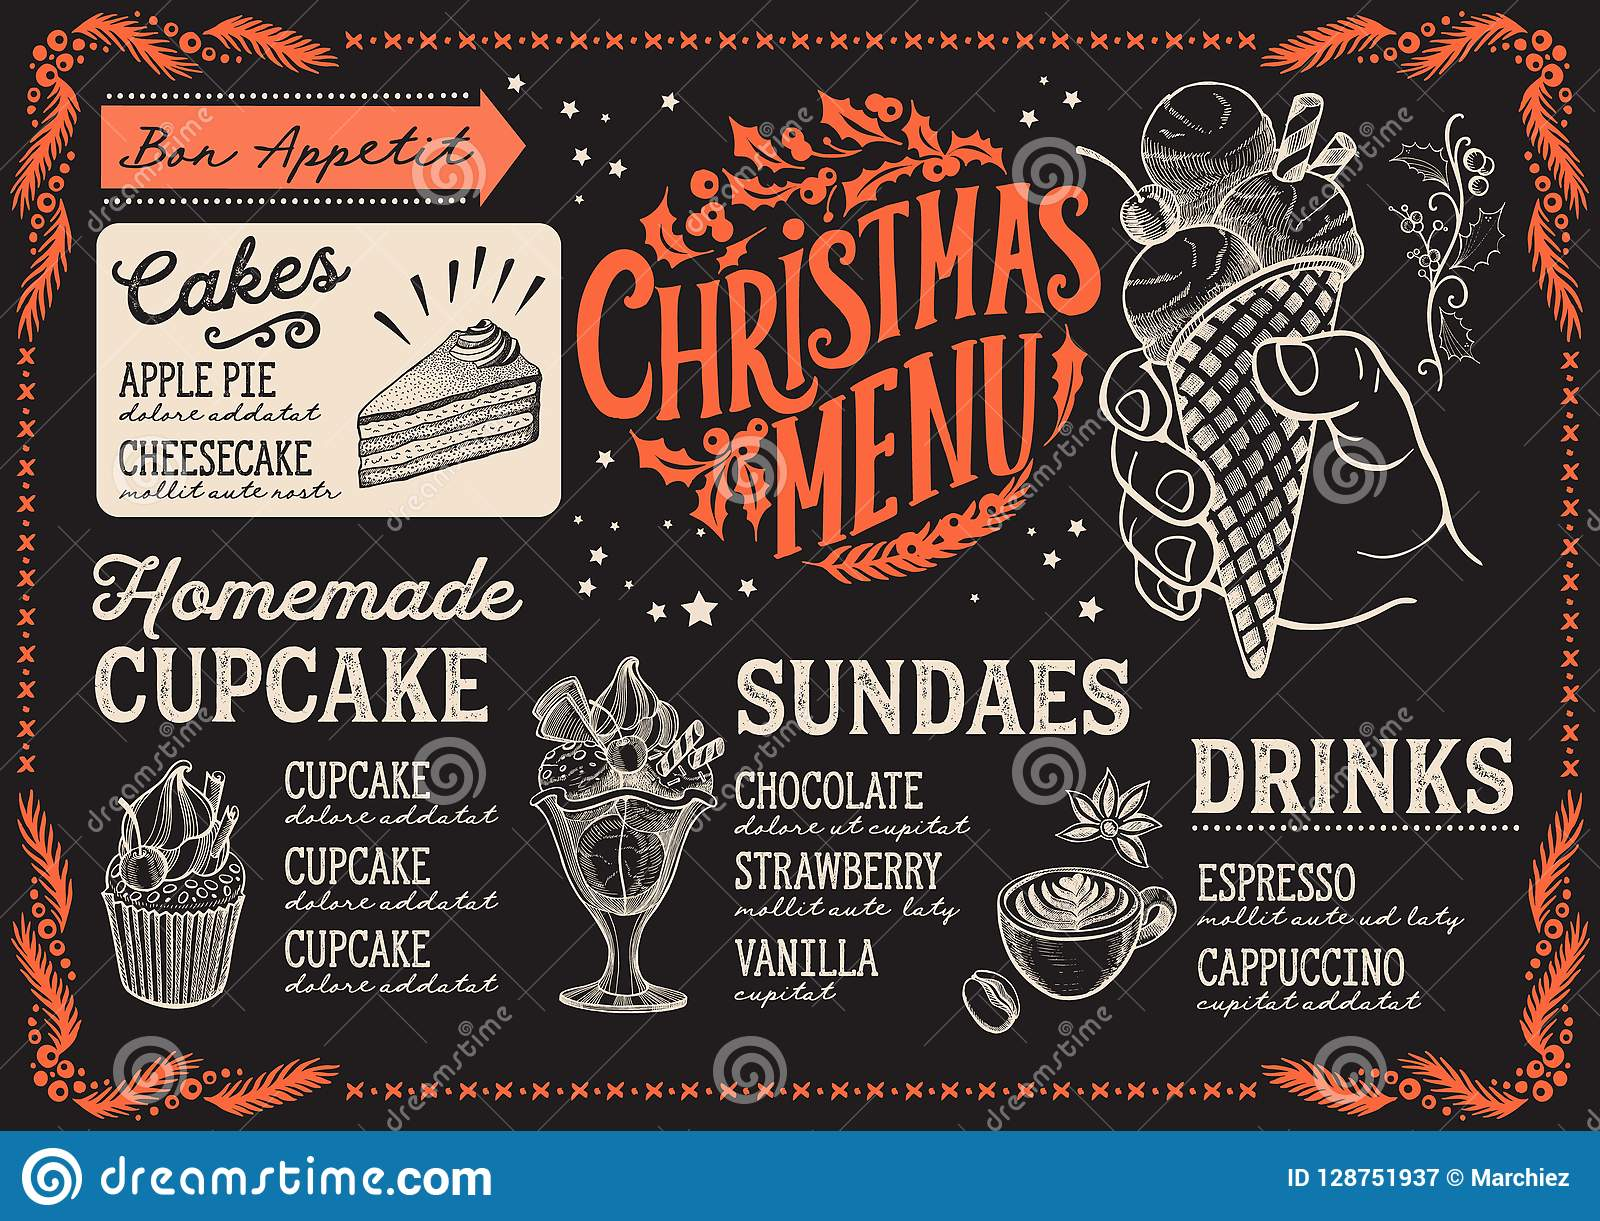 Un Bon Menu De Noel.Calibre De Menu De Noel Pour Le Restaurant De Dessert